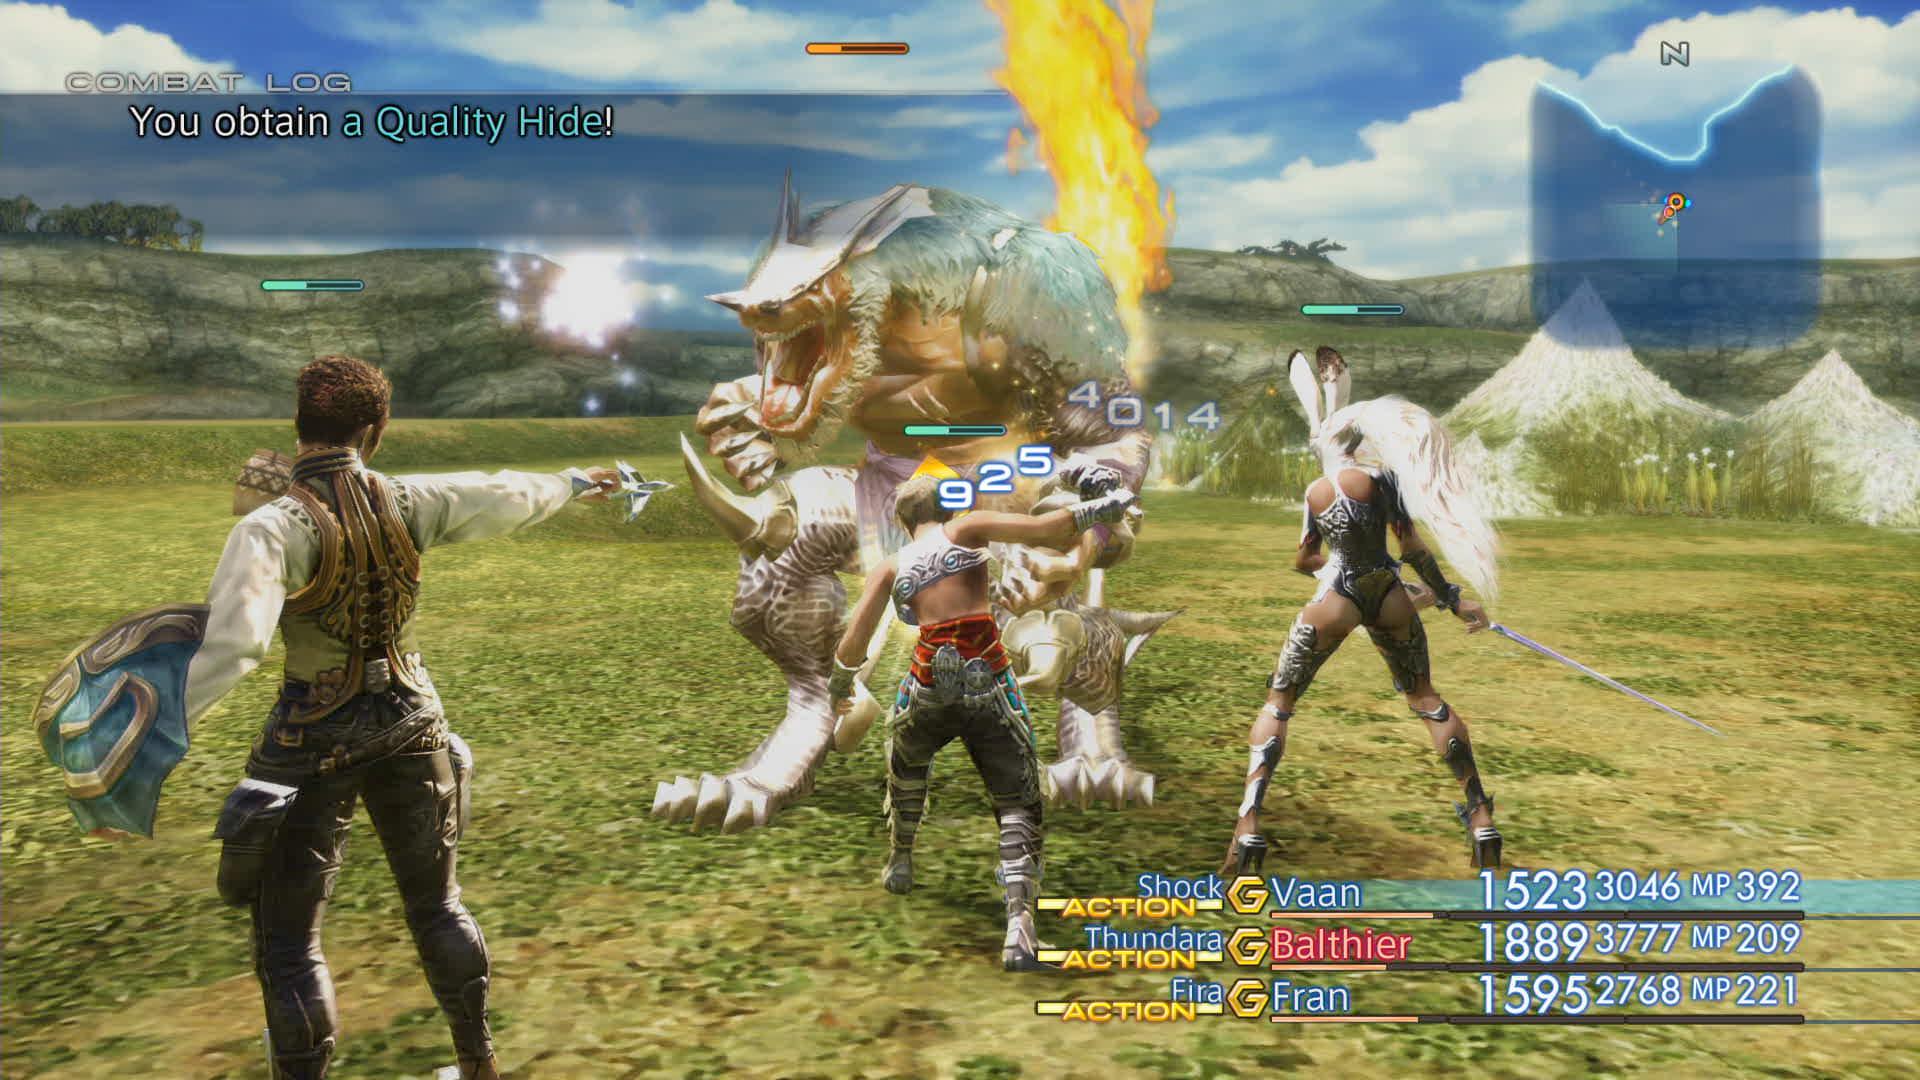 Boje a předělové scény z Final Fantasy XII: The Zodiac Age 142340